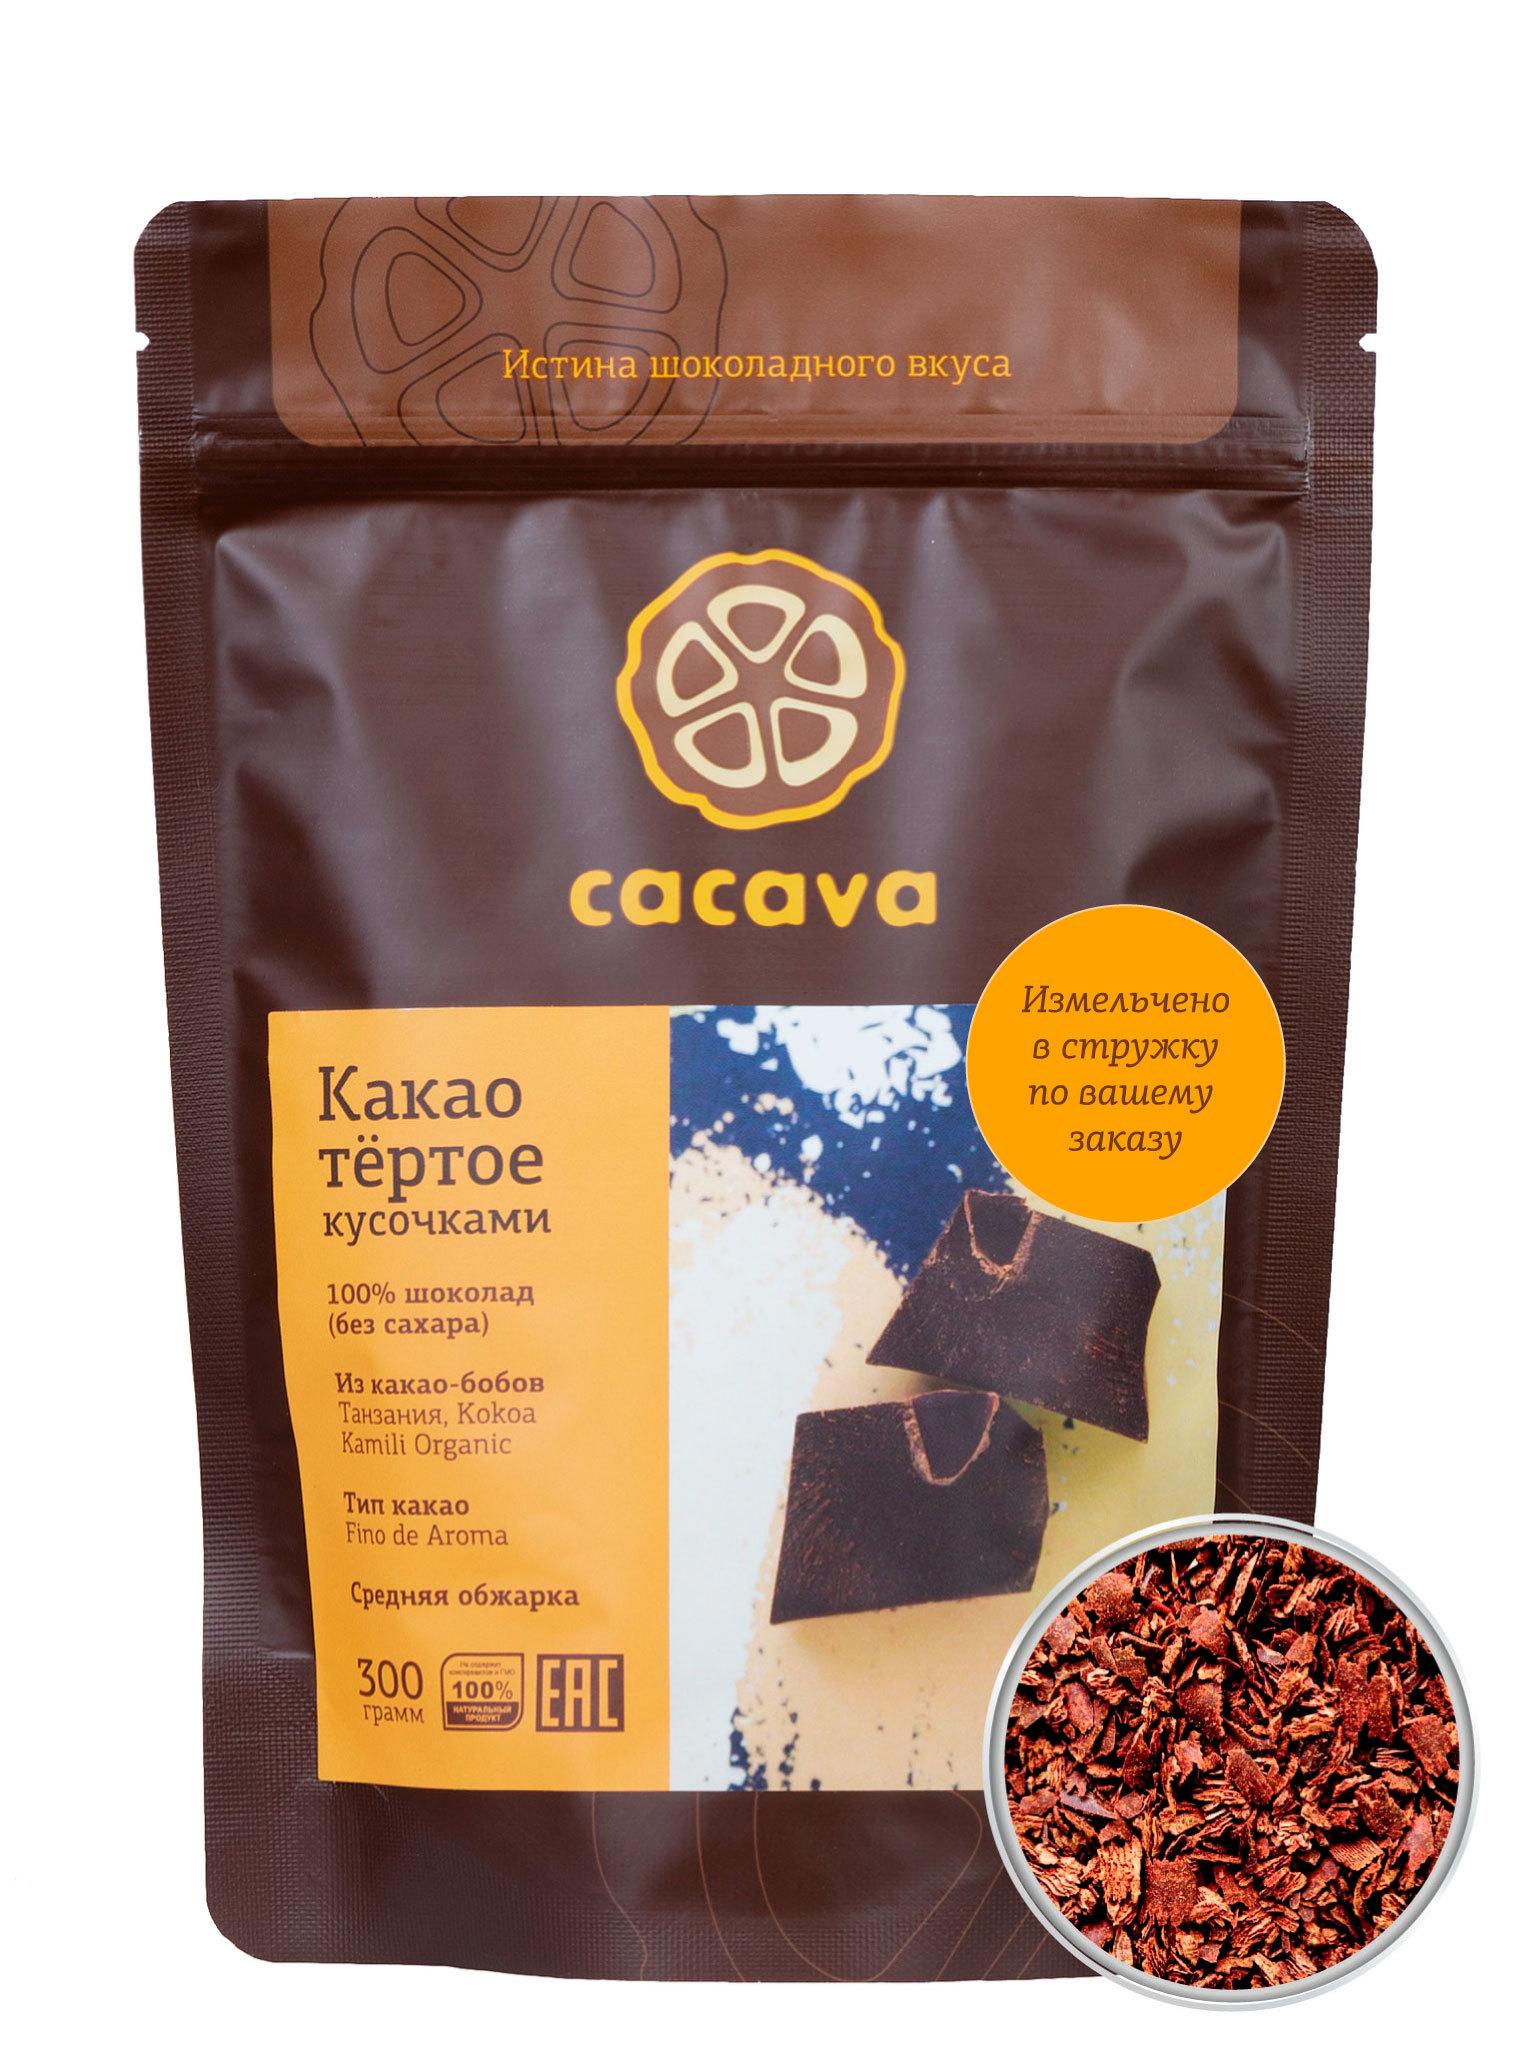 Какао тёртое в стружке (Танзания, Kokoa Kamili), упаковка 300 грамм